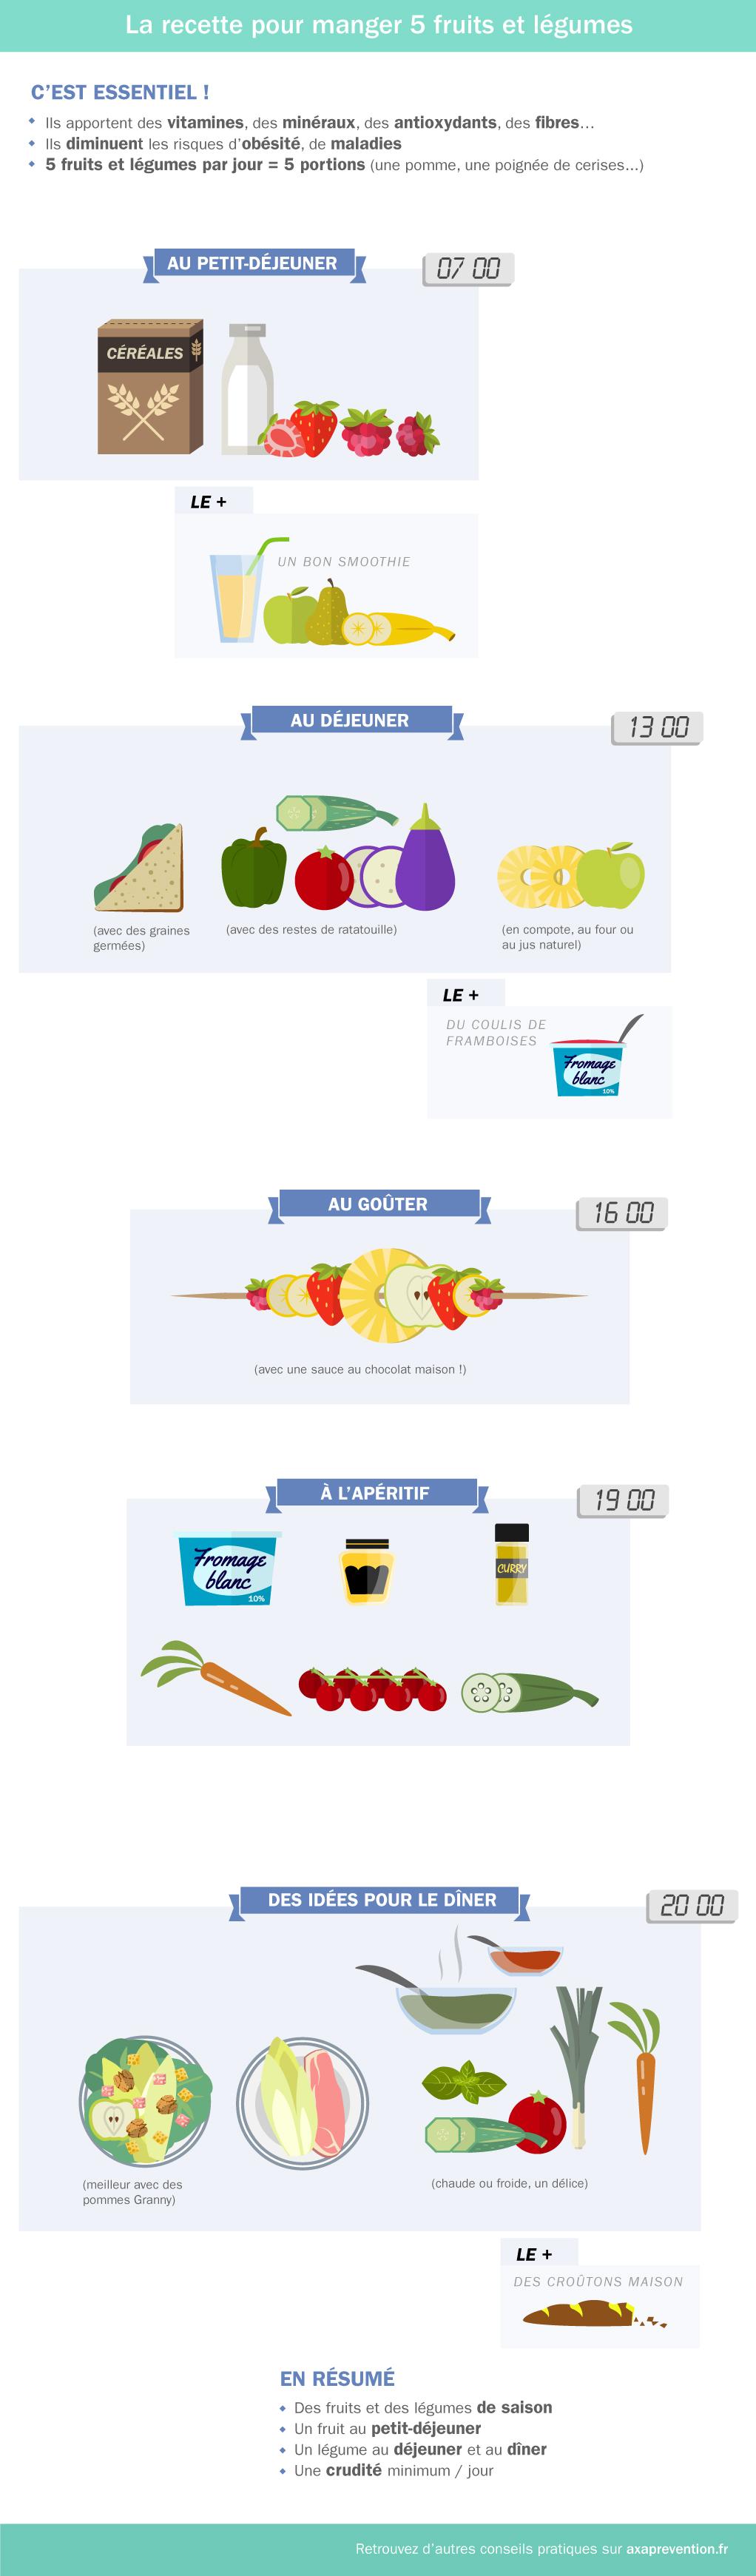 La recette pour manger 5 fruits et légumes